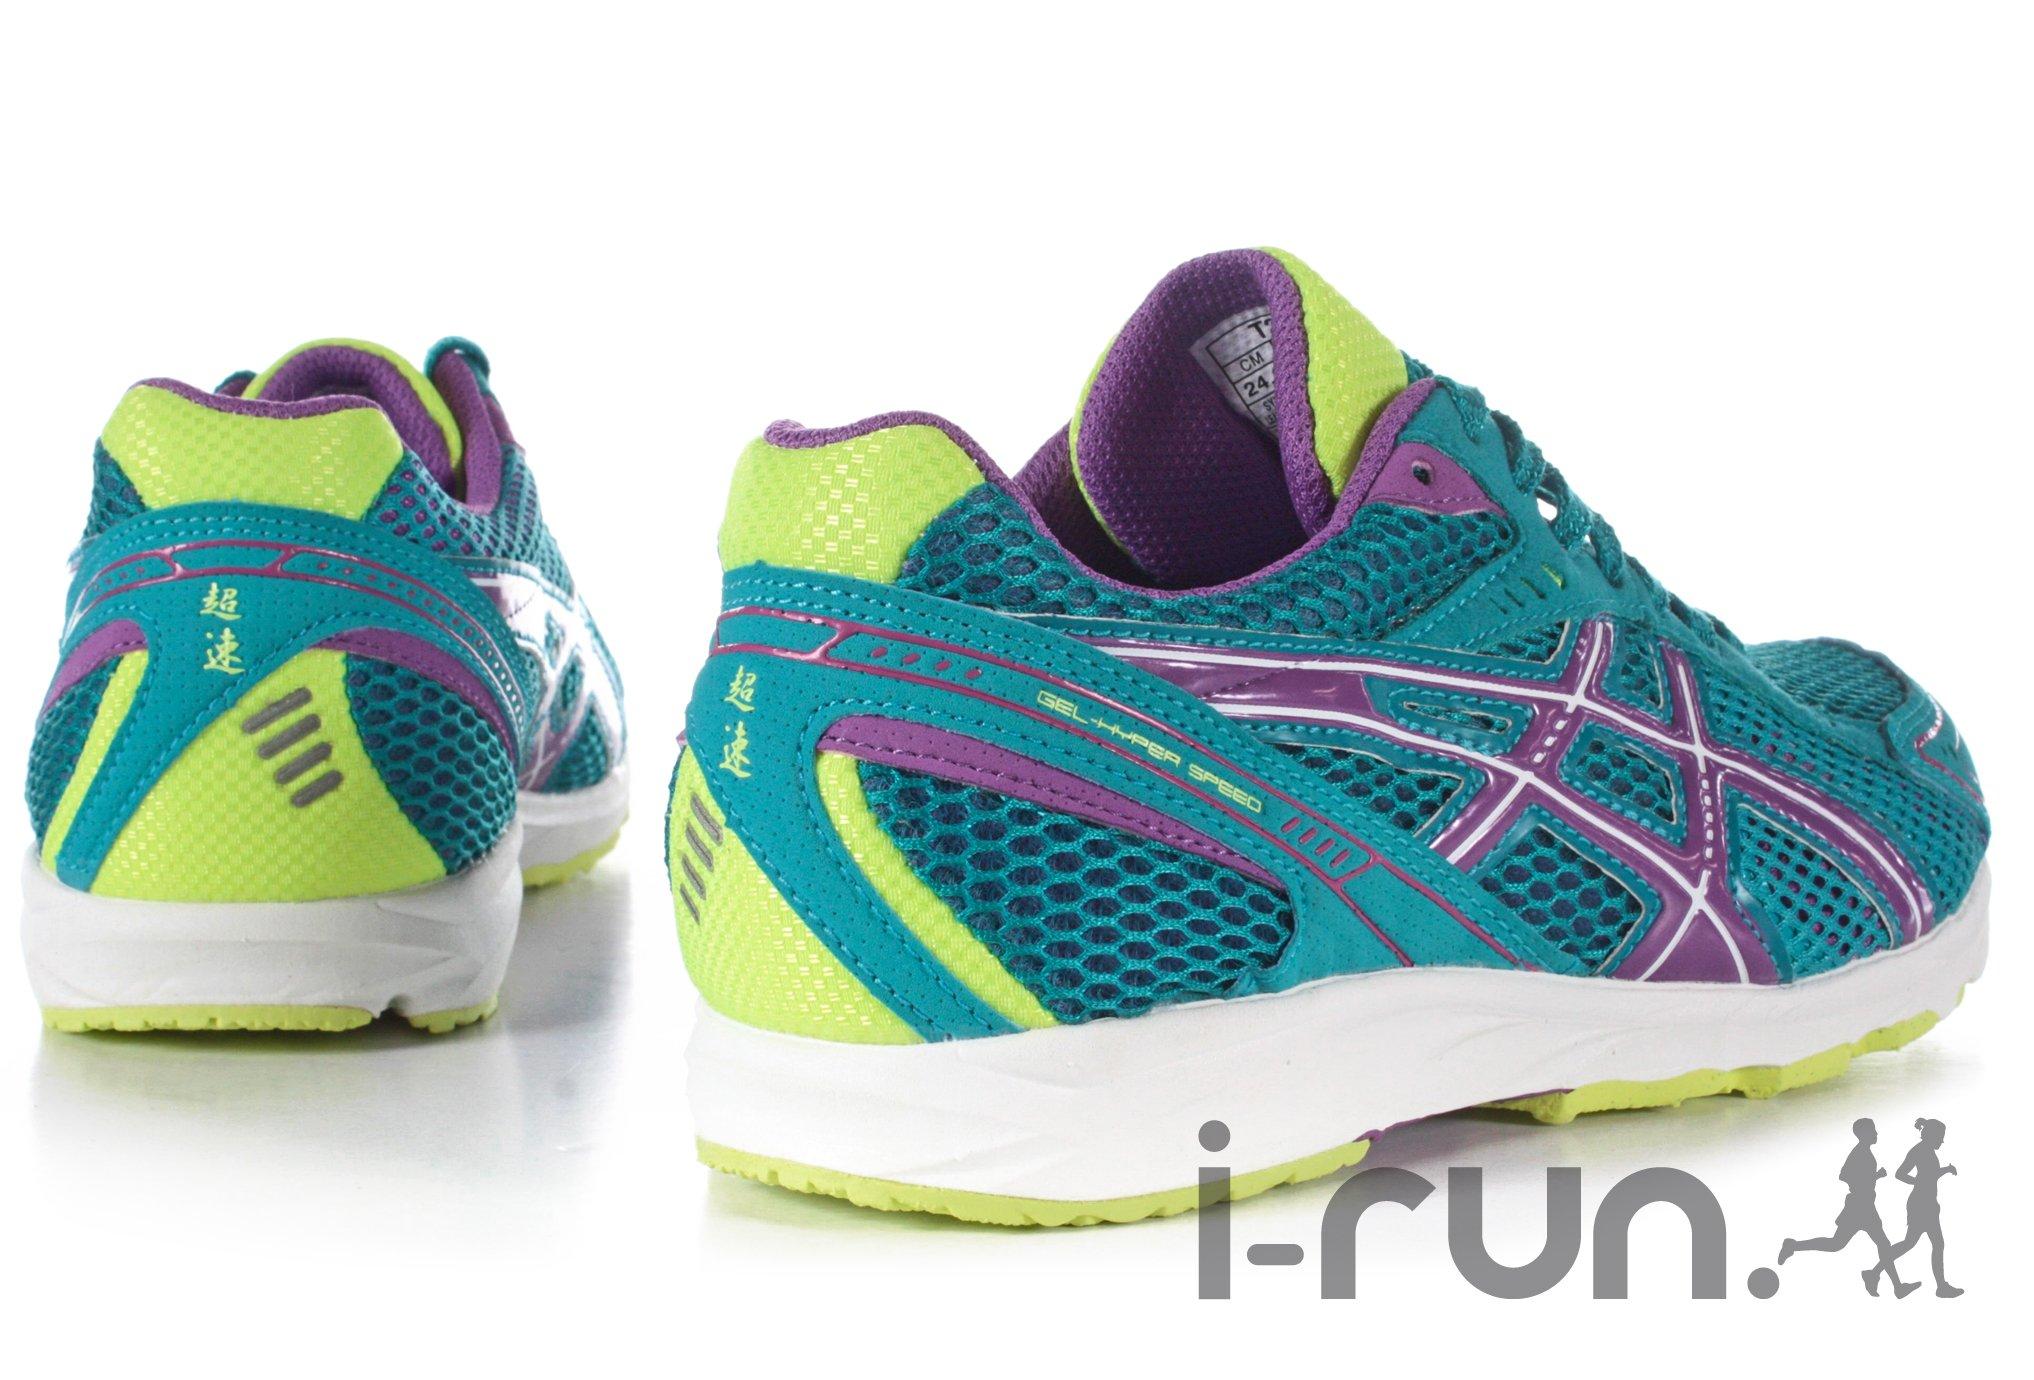 low priced 2b18b e8647 ... asics gel hyper speed 5 w chaussures running femme 23153 0 sz